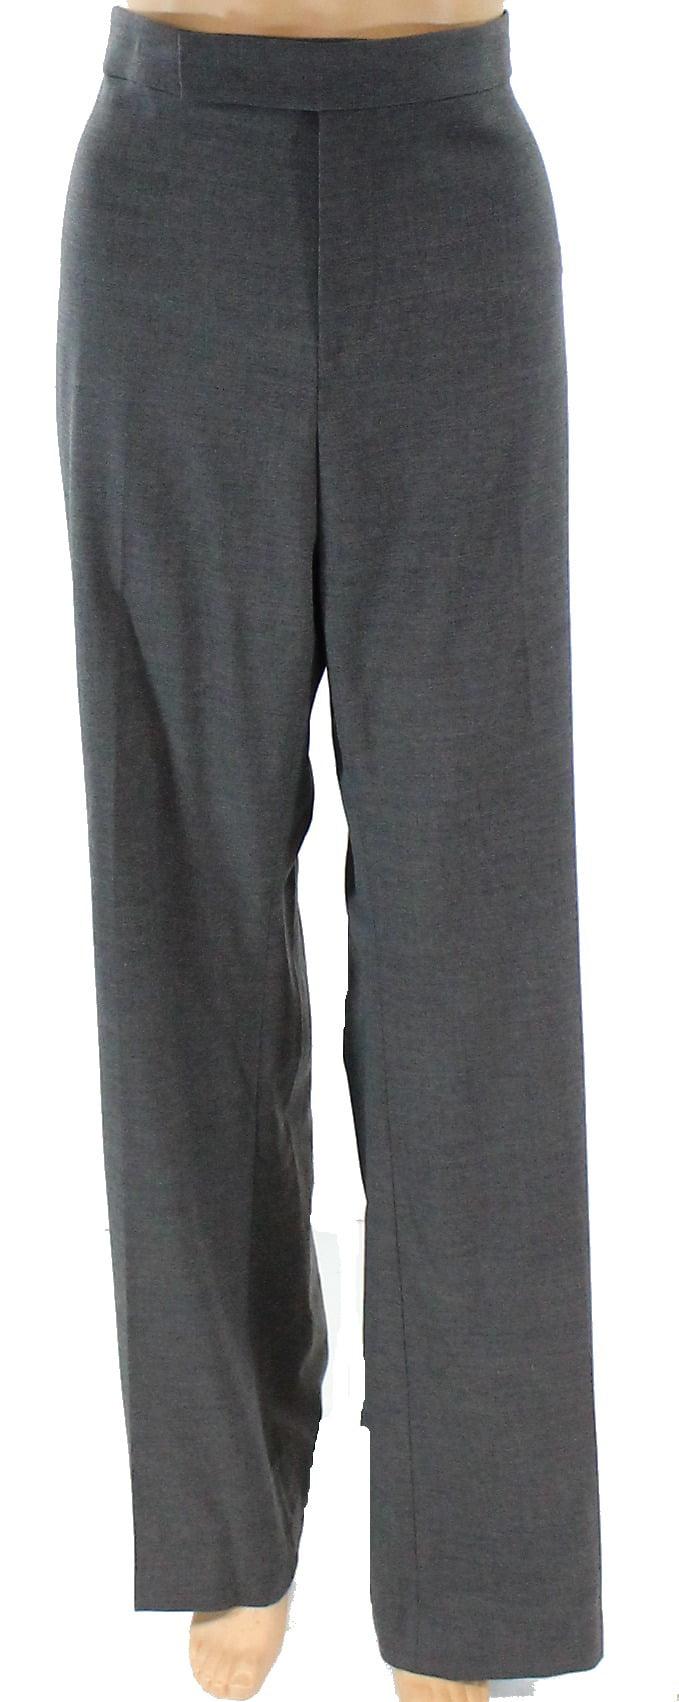 Ralph By Ralph Lauren New Gray Womens Size 14 Wool Stretch Dress Pants by Ralph by Ralph Lauren